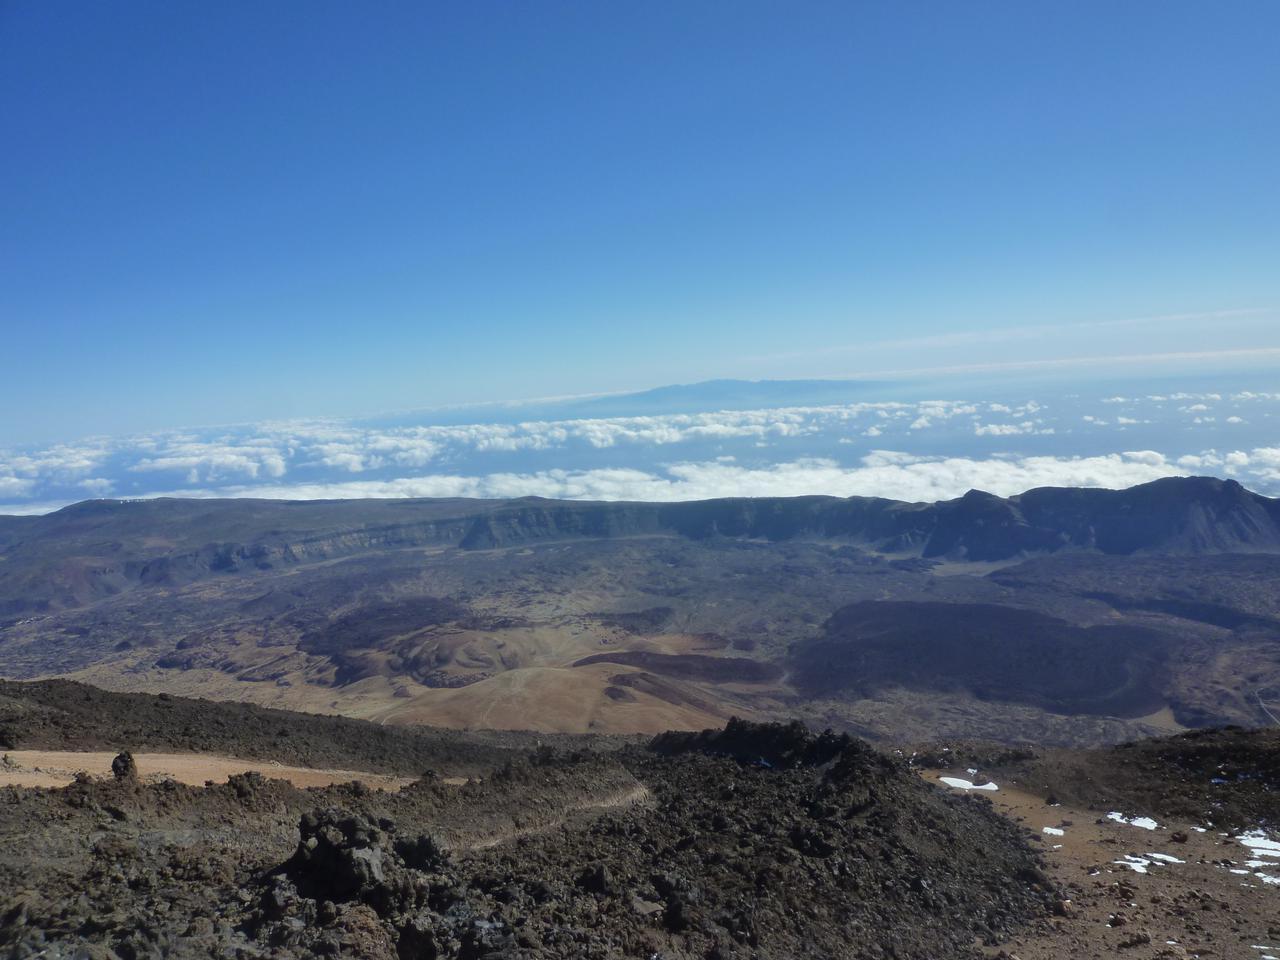 画像: テイデ国立公園・バスからの眺め(イメージ)